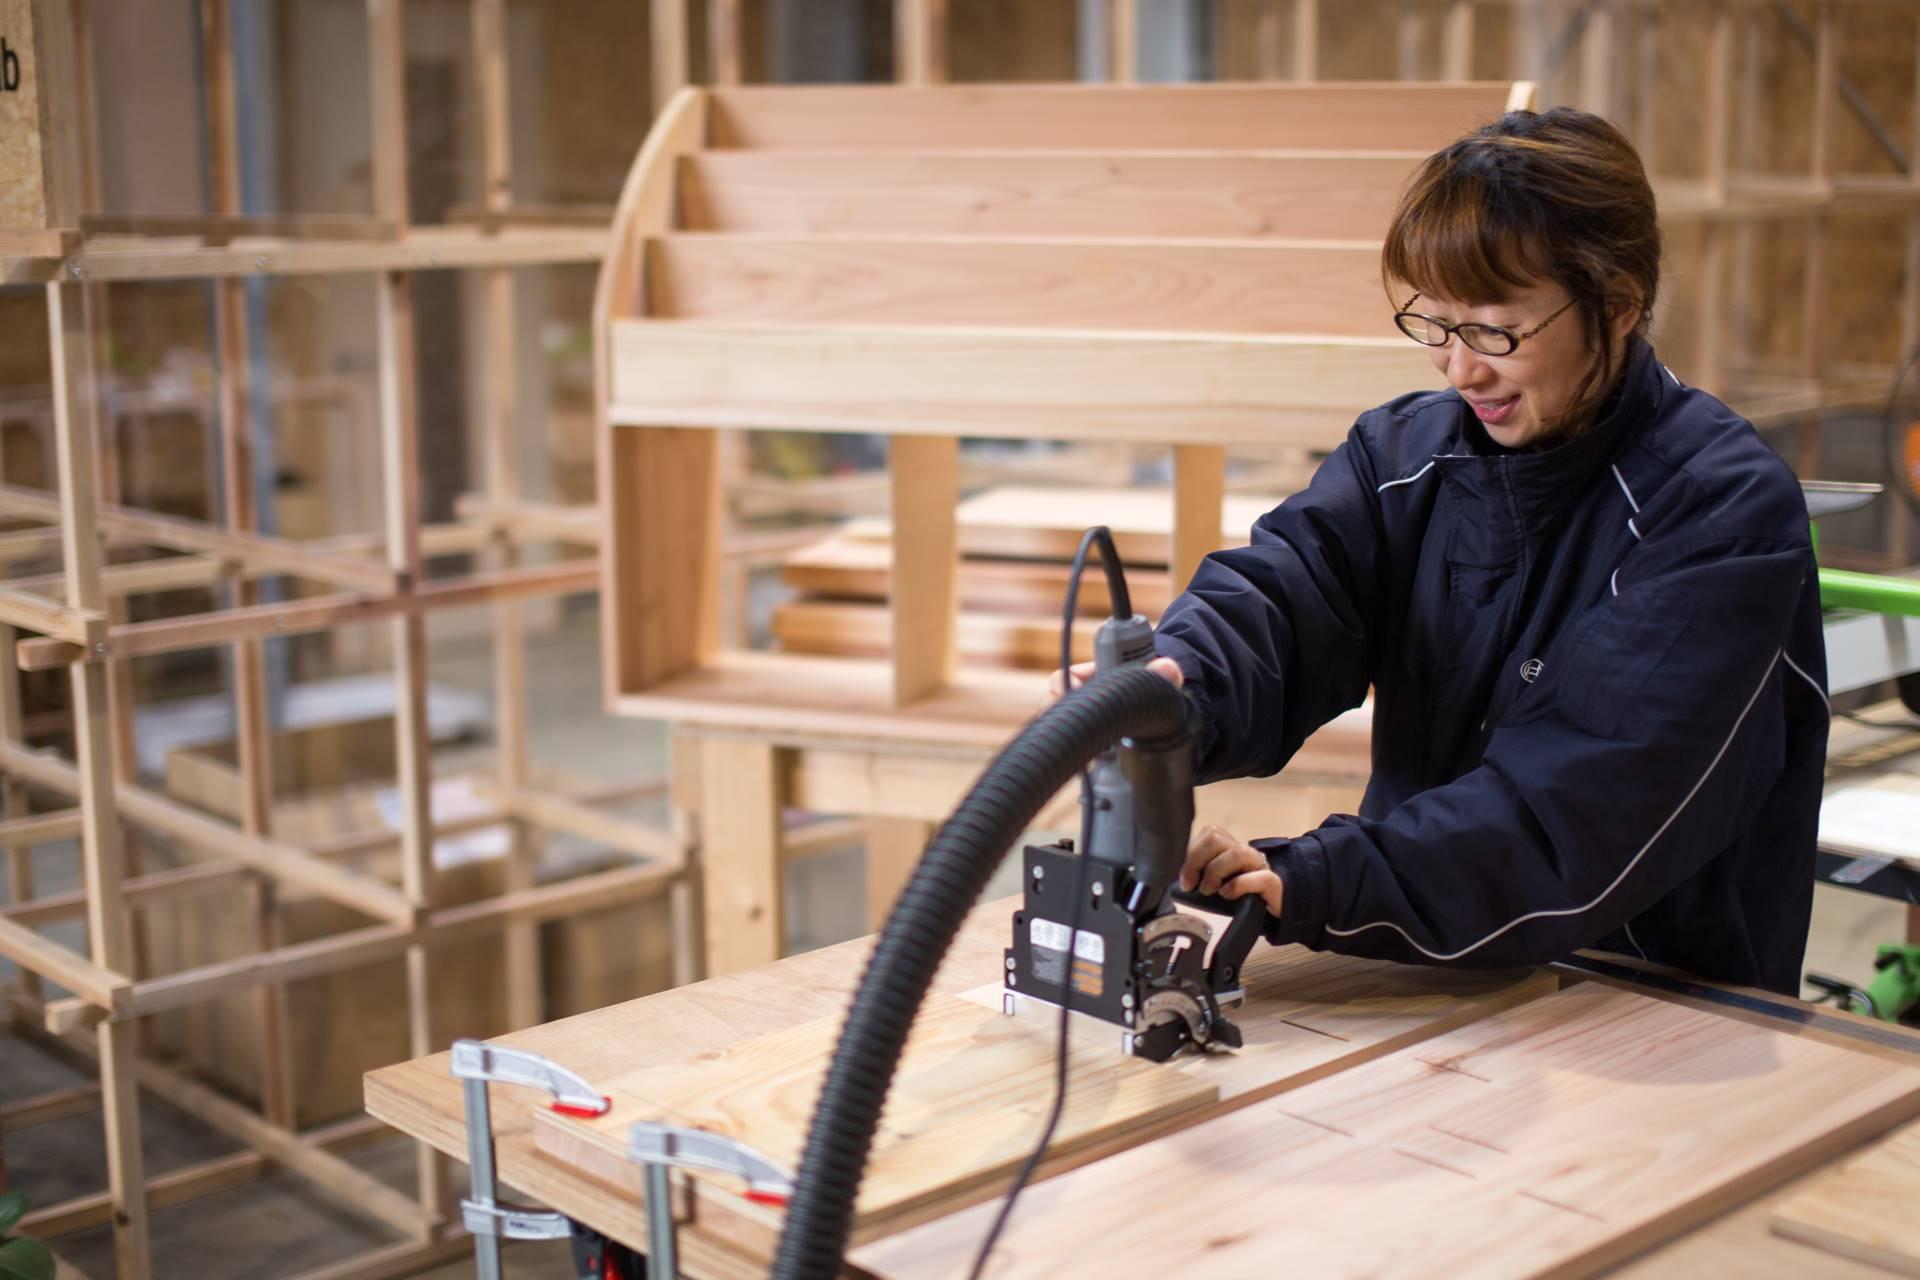 ツバキラボ 木工 シェア工房 DIY 長良川おんぱく ビスケットジョイナー ジョイントカッター 絵本棚